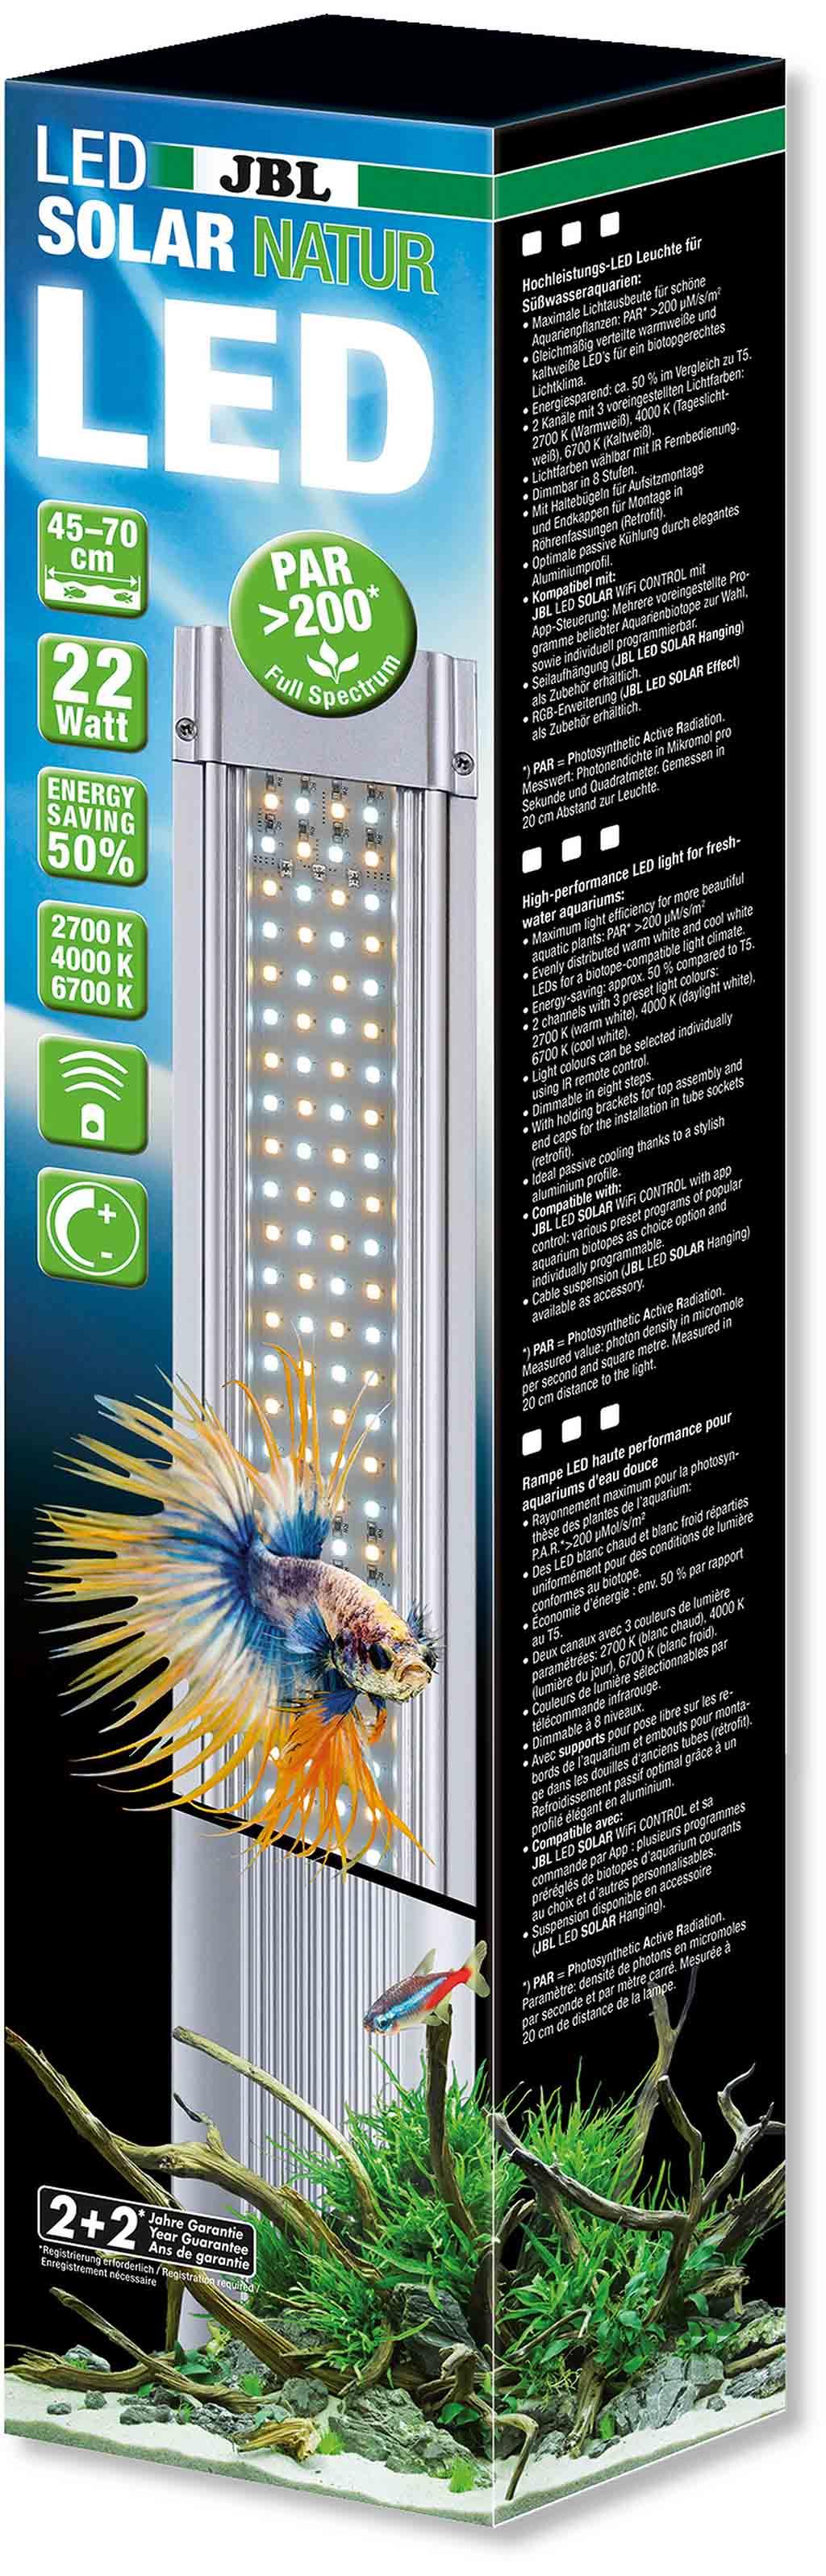 JBL LED SOLAR NATUR 22 W 438 MM